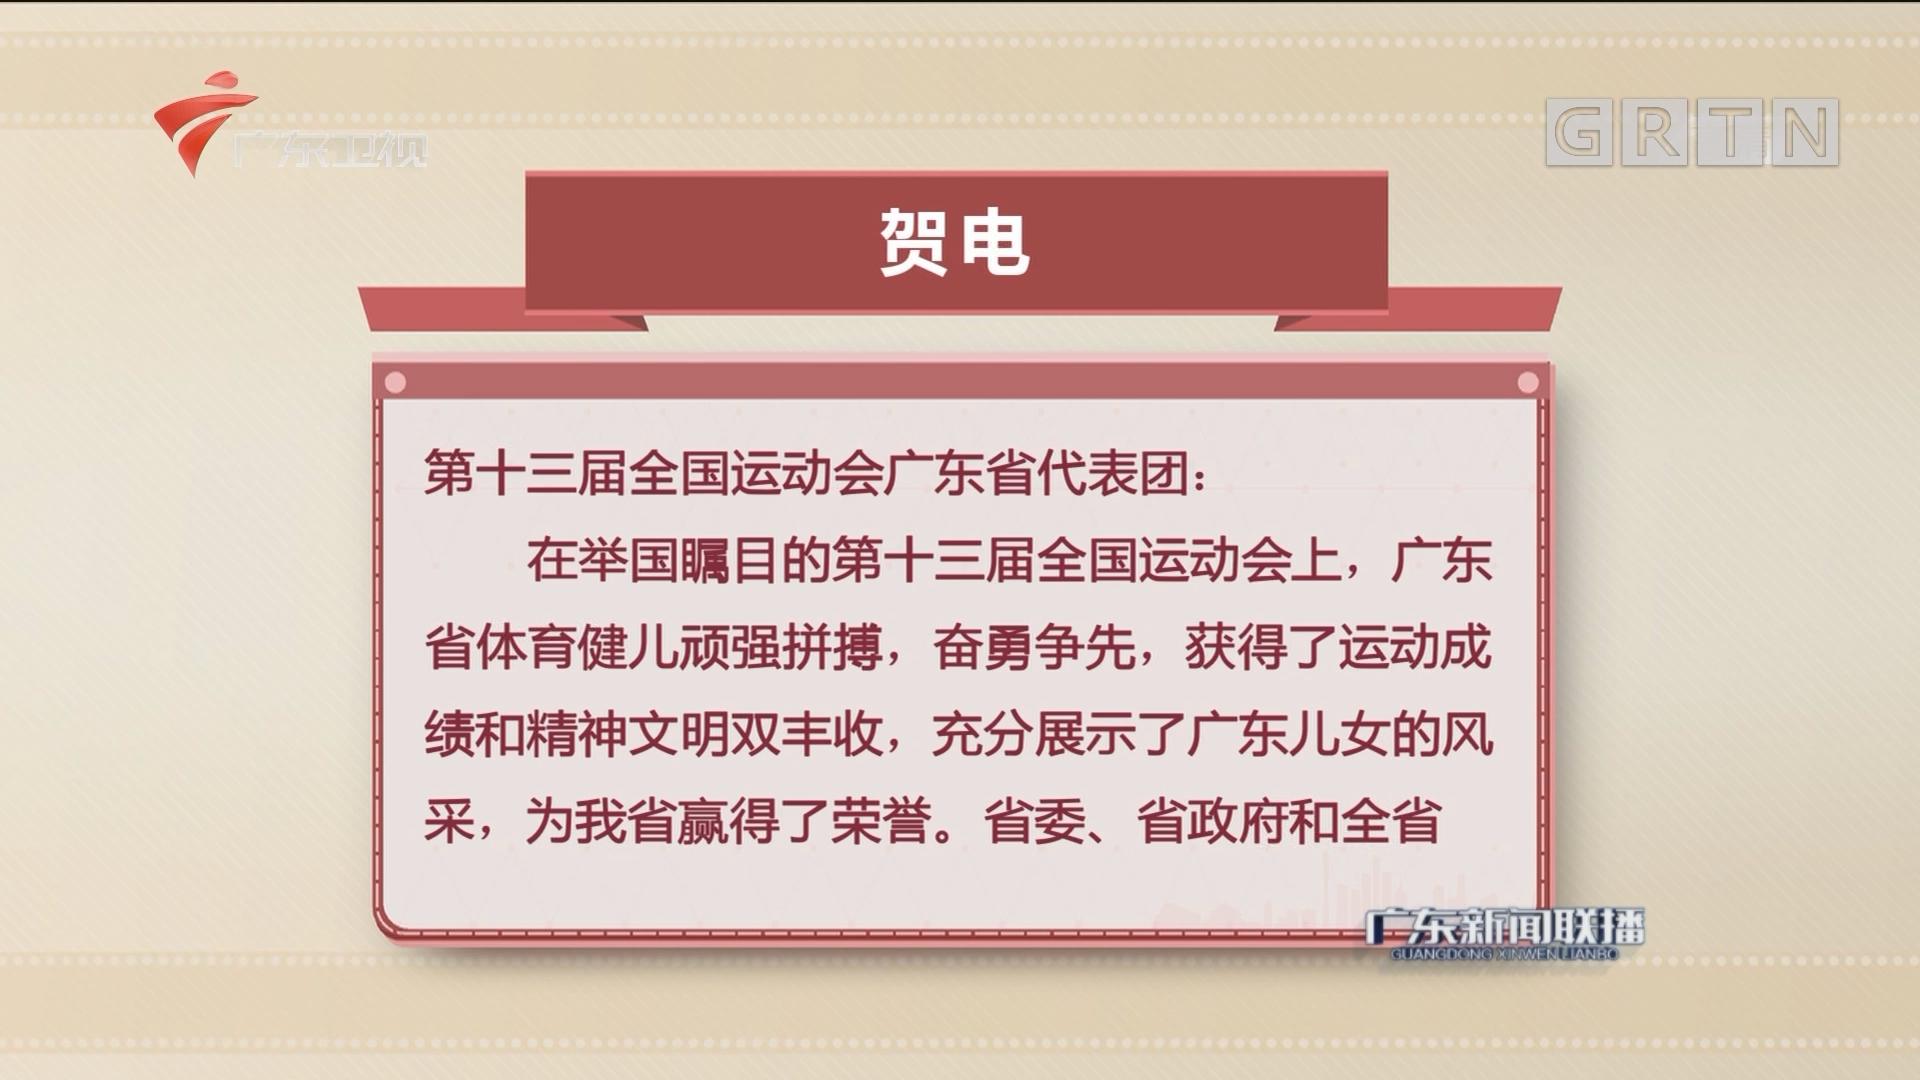 中共广东省委、广东省人民政府向第十三届全国运动会广东代表团发出贺电